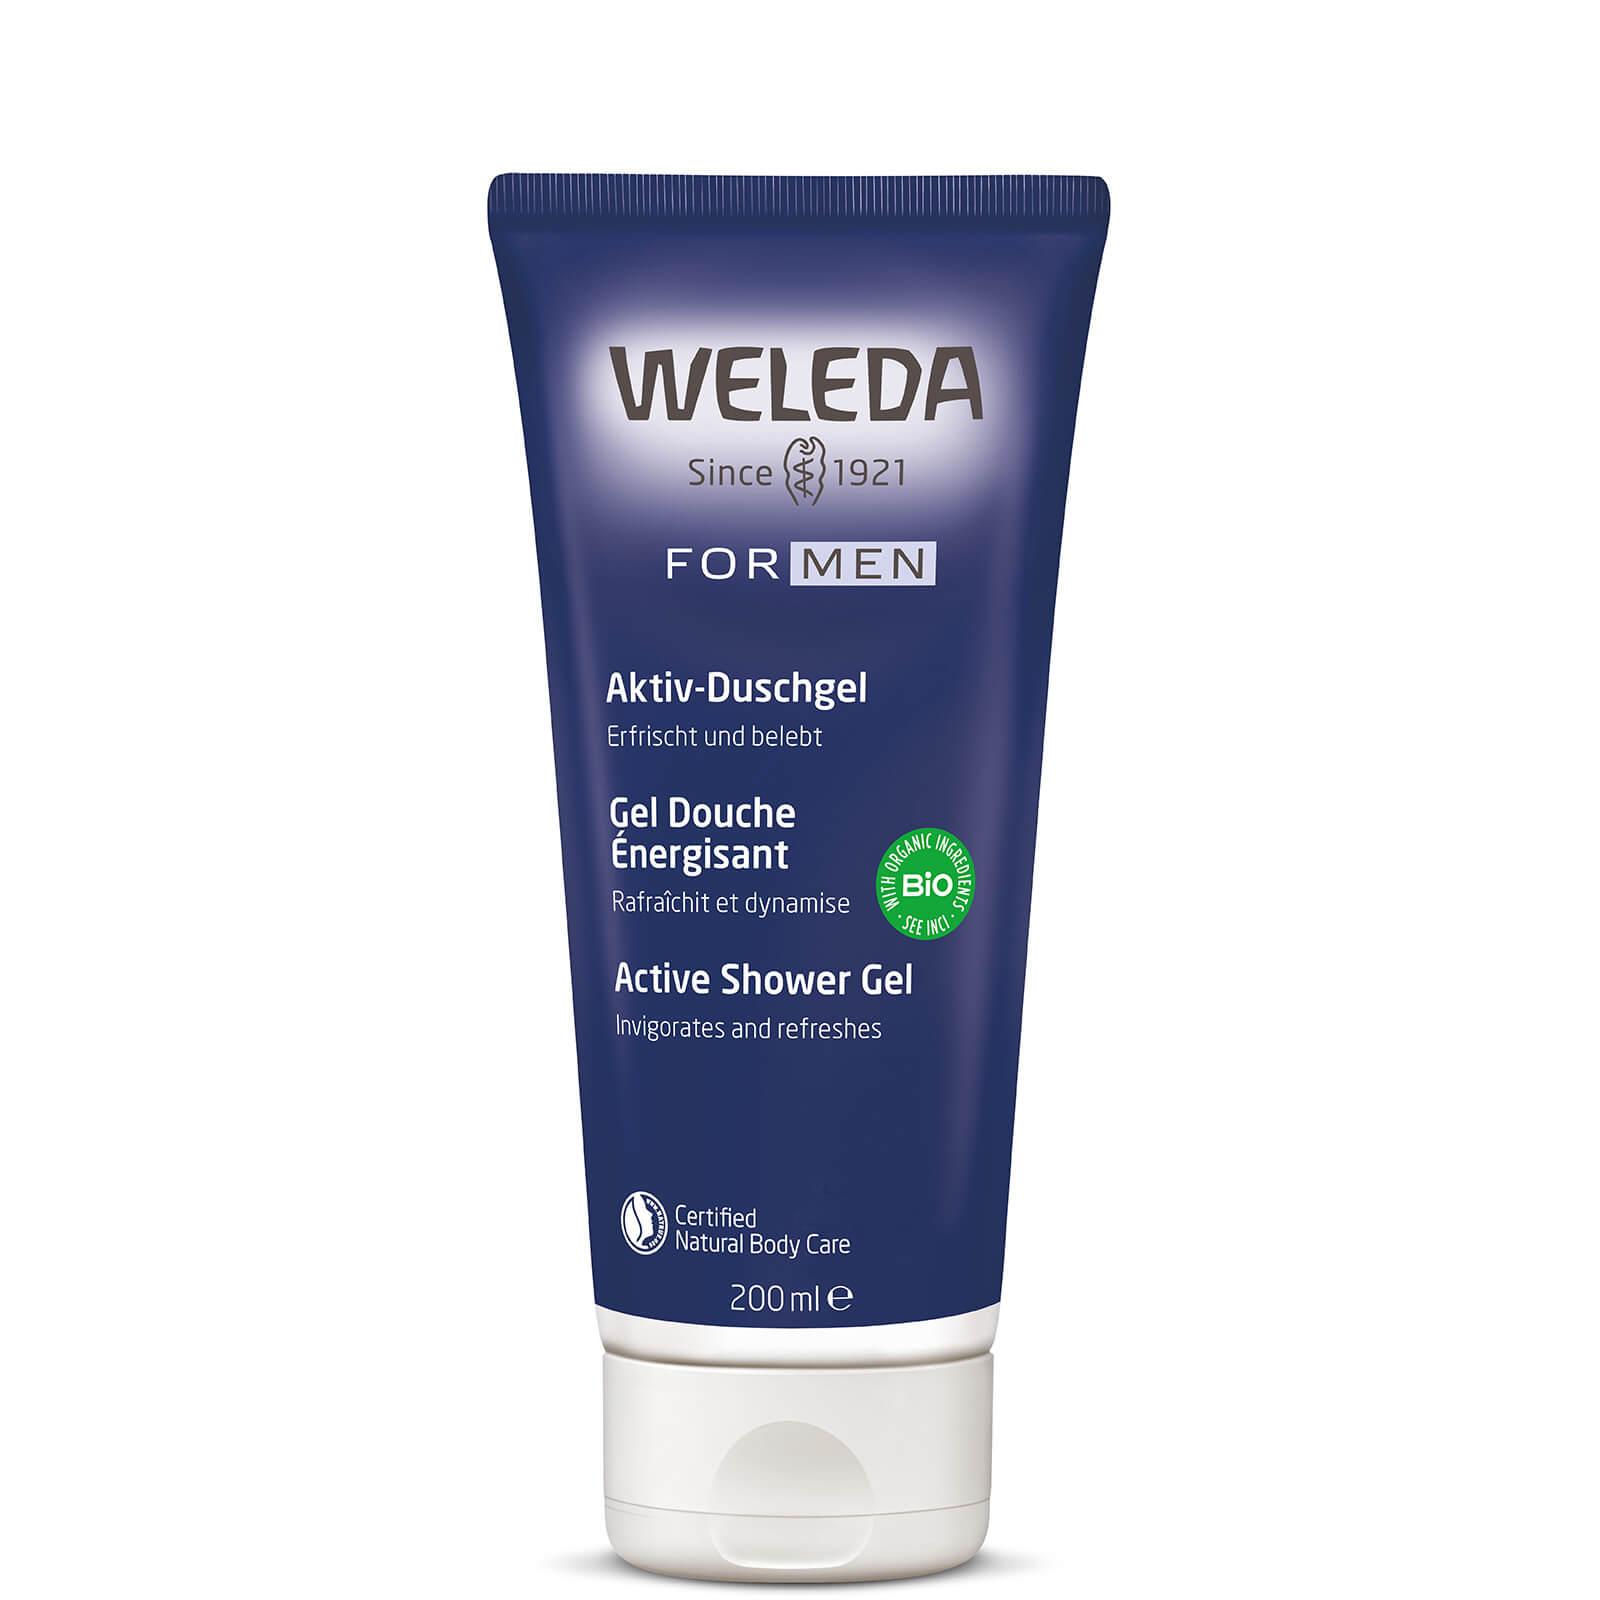 Купить Мужской гель для душа Weleda Men's Shower Gel 200мл